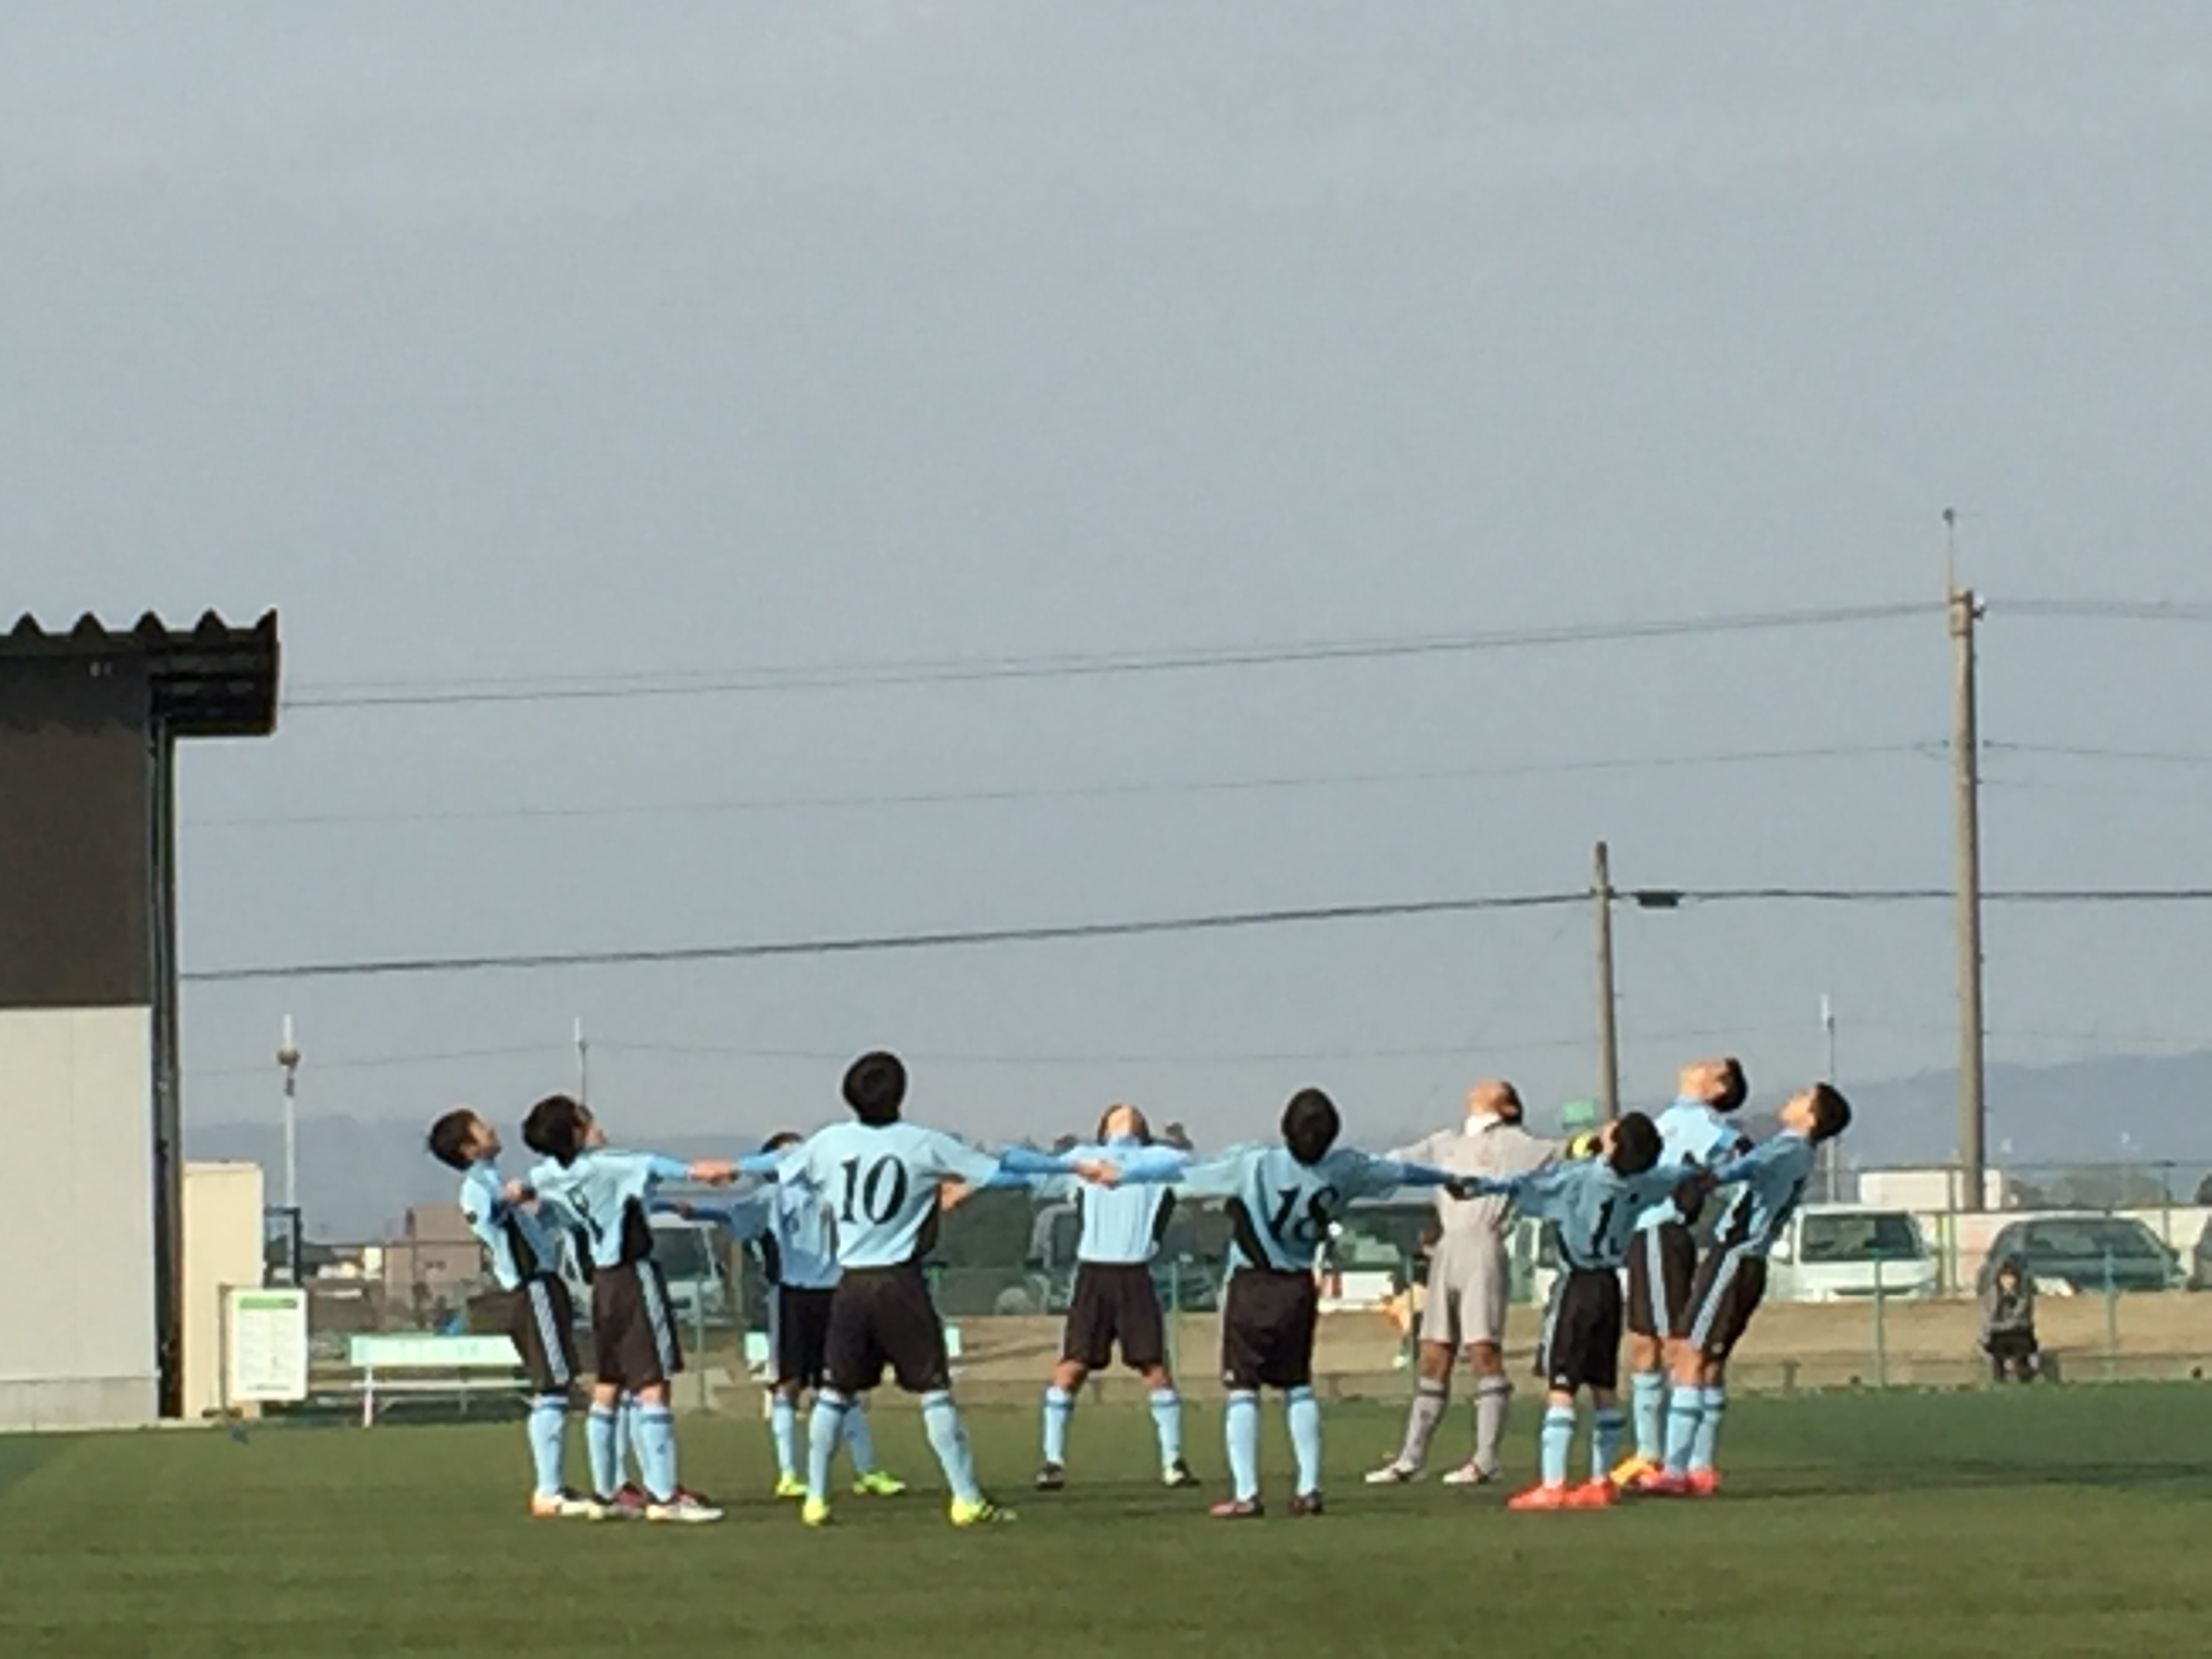 高円宮杯 奈良県U-15サッカーリーグ【3節】